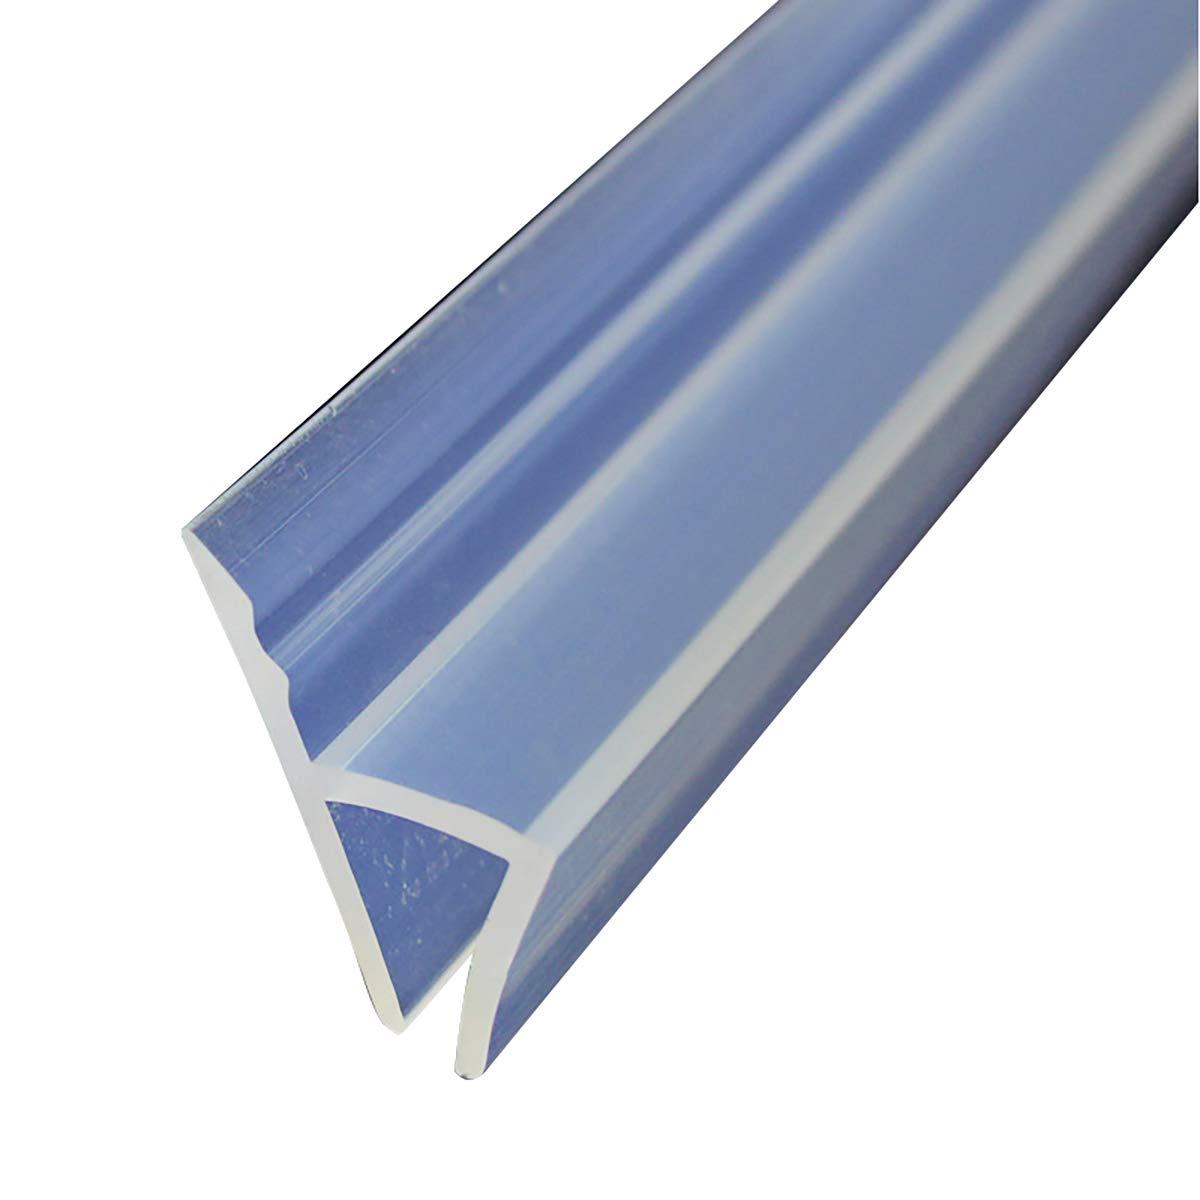 """Cozylkx H Shape Glass Door Seal Strip for 5/16 Inch Glass, Shower Door Pull-Push Door Window Gap Sweep Windproof, Length 118"""""""